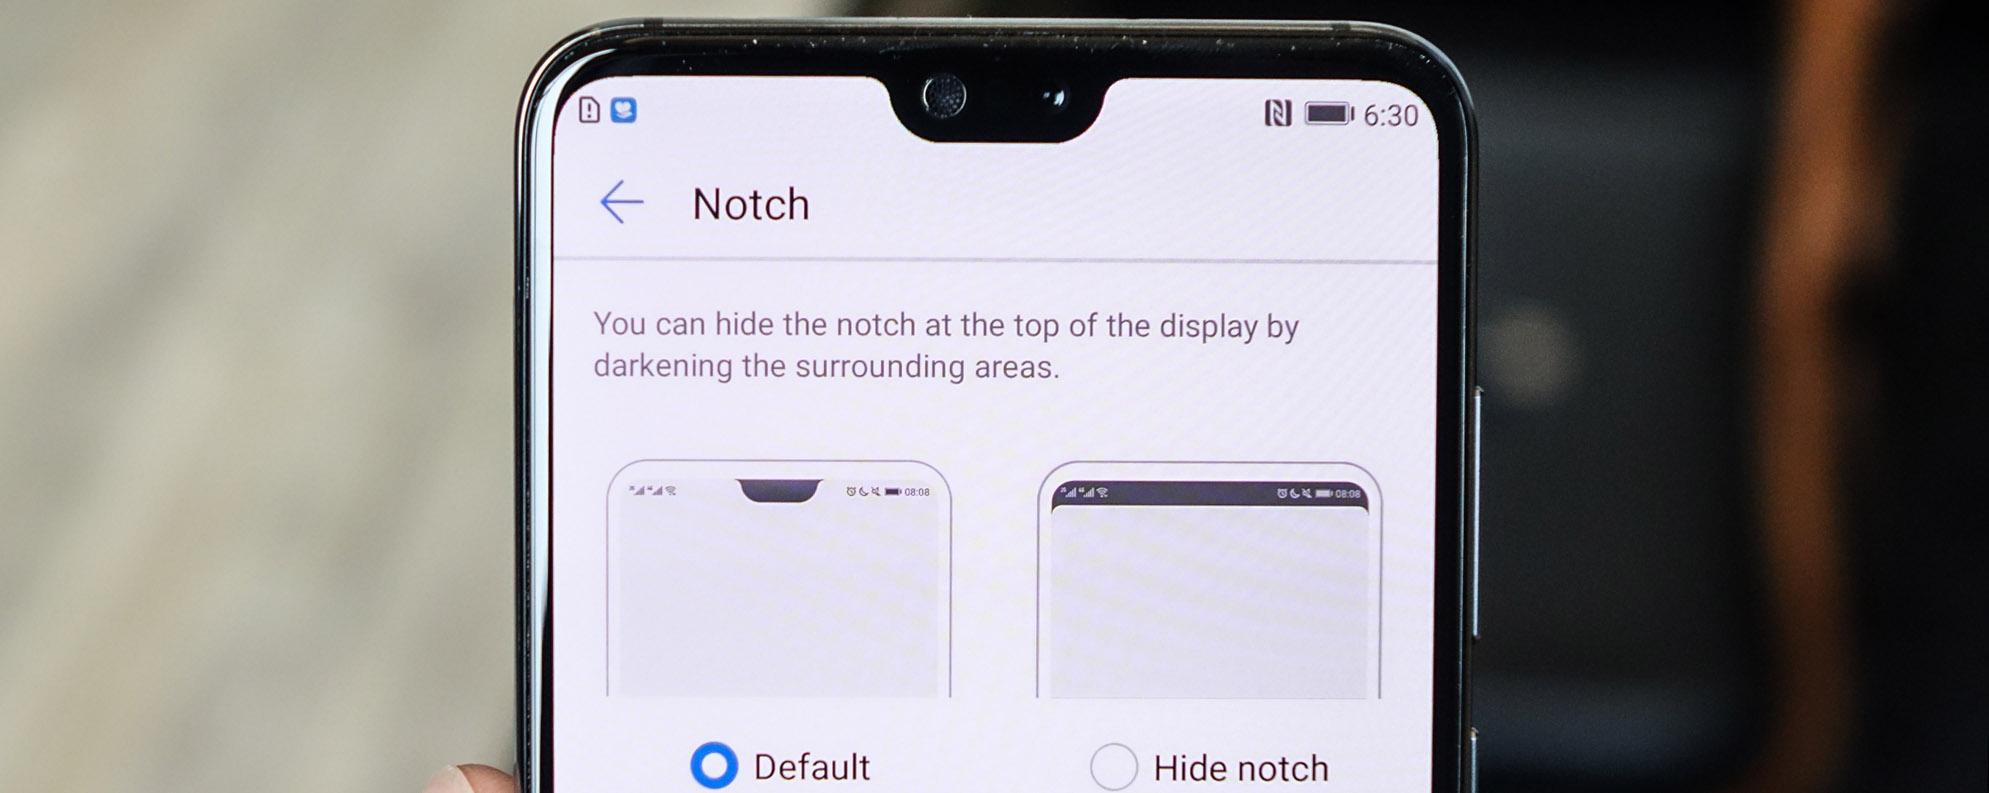 """iPhone X """"clone"""" của Huawei cung cấp tính năng ẩn tai thỏ, iFan có thích điều này?"""